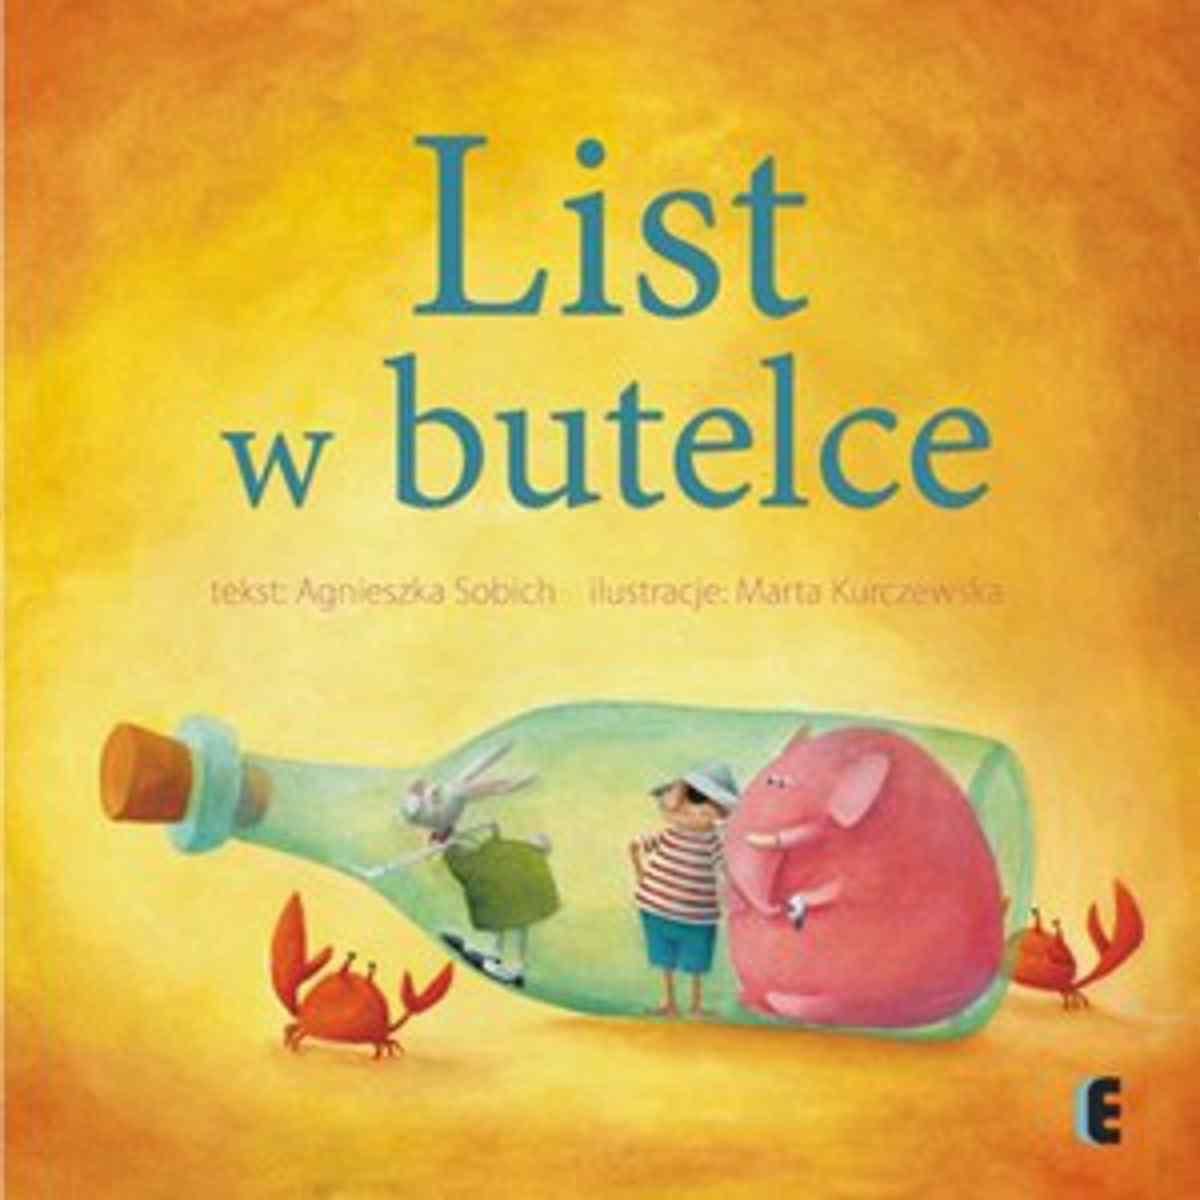 List w butelce - Ebook (Książka PDF) do pobrania w formacie PDF